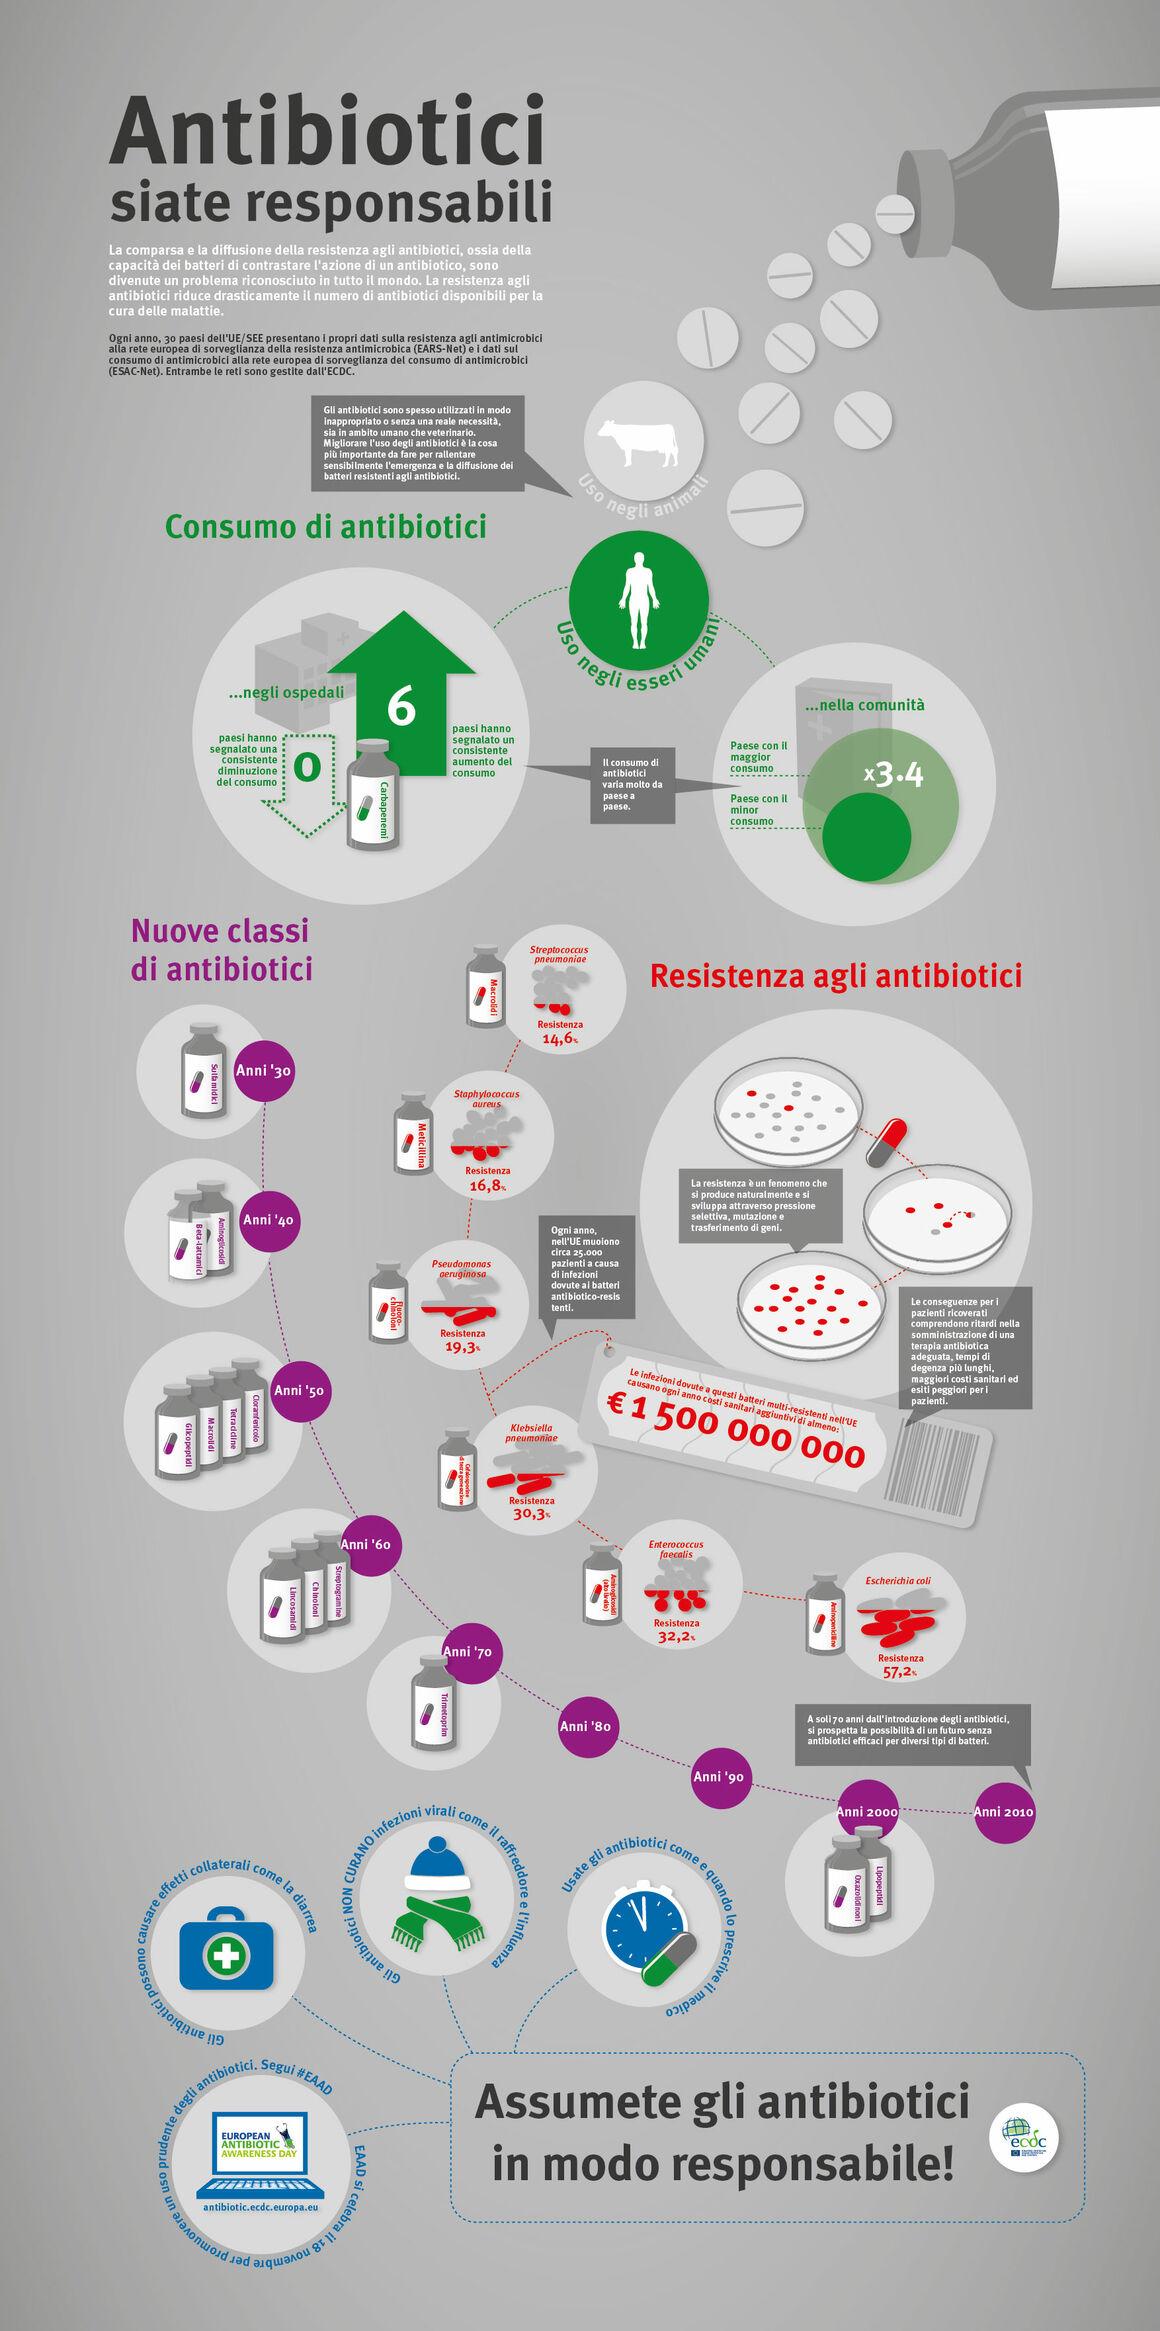 Antibiotici siate responsabili